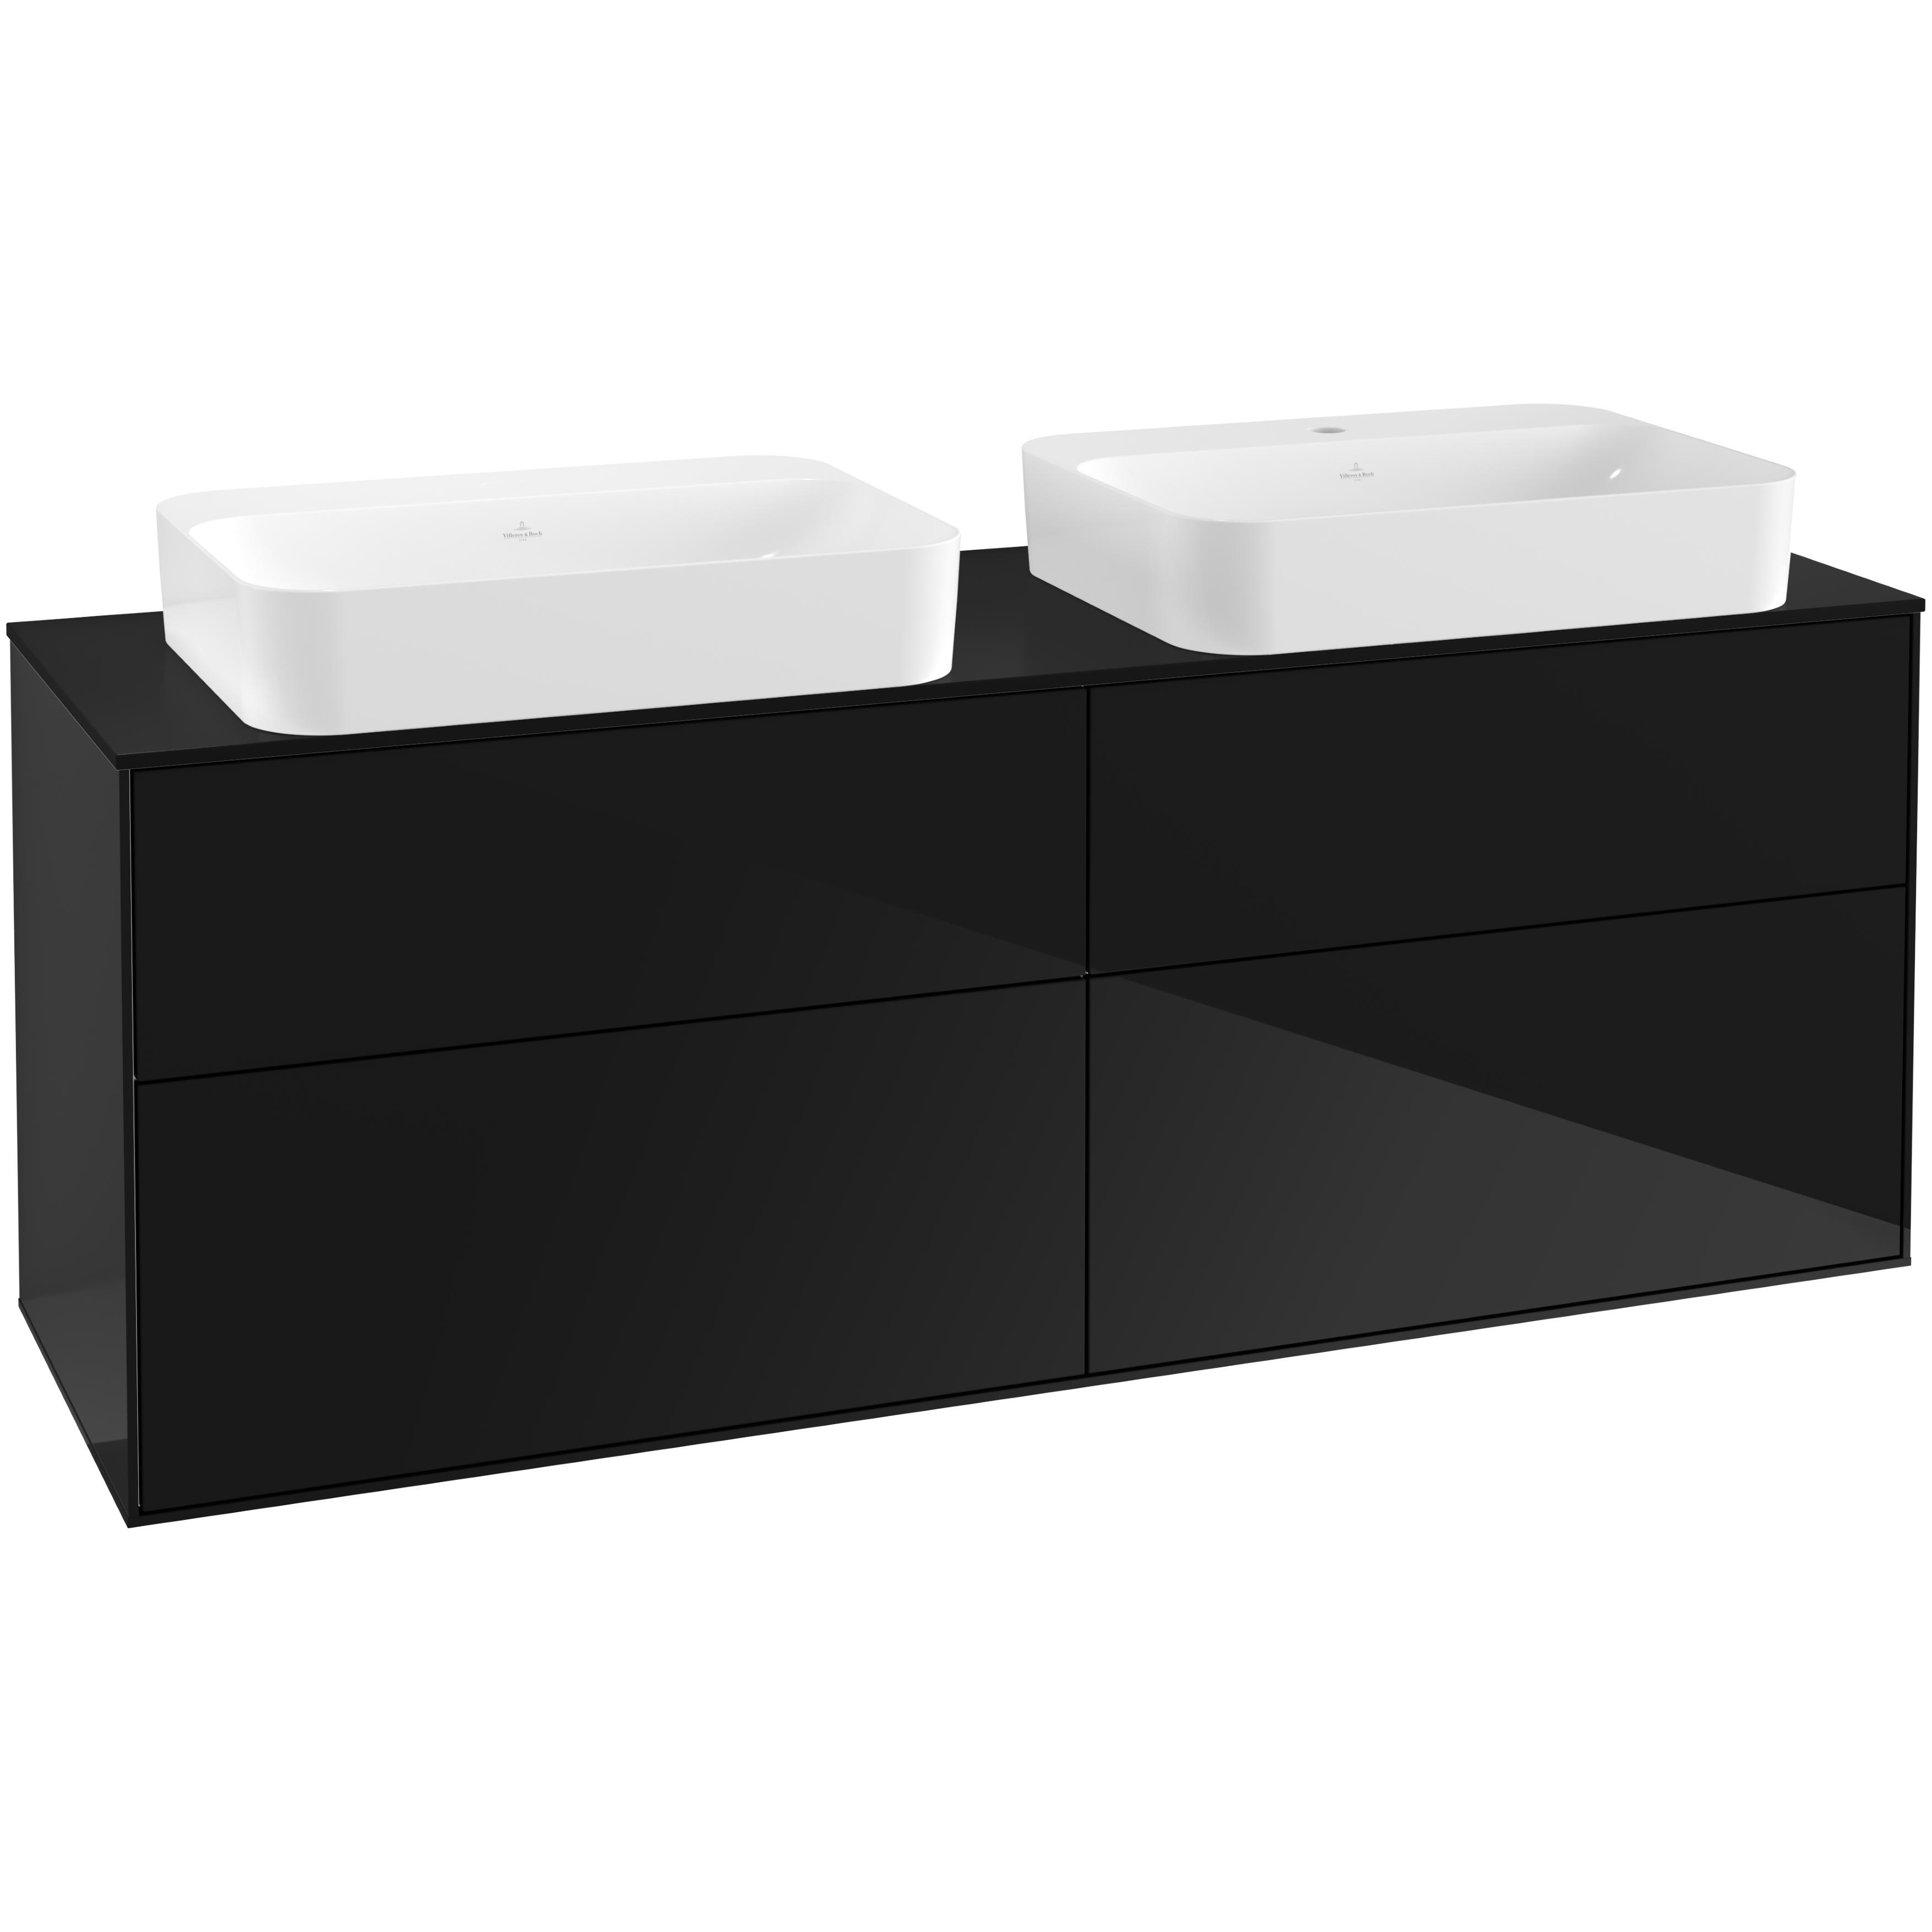 Tvättställsskåp Villeroy & Boch Finion med 4 Lådor och Bänkskiva för Två Fristående Tvättställ